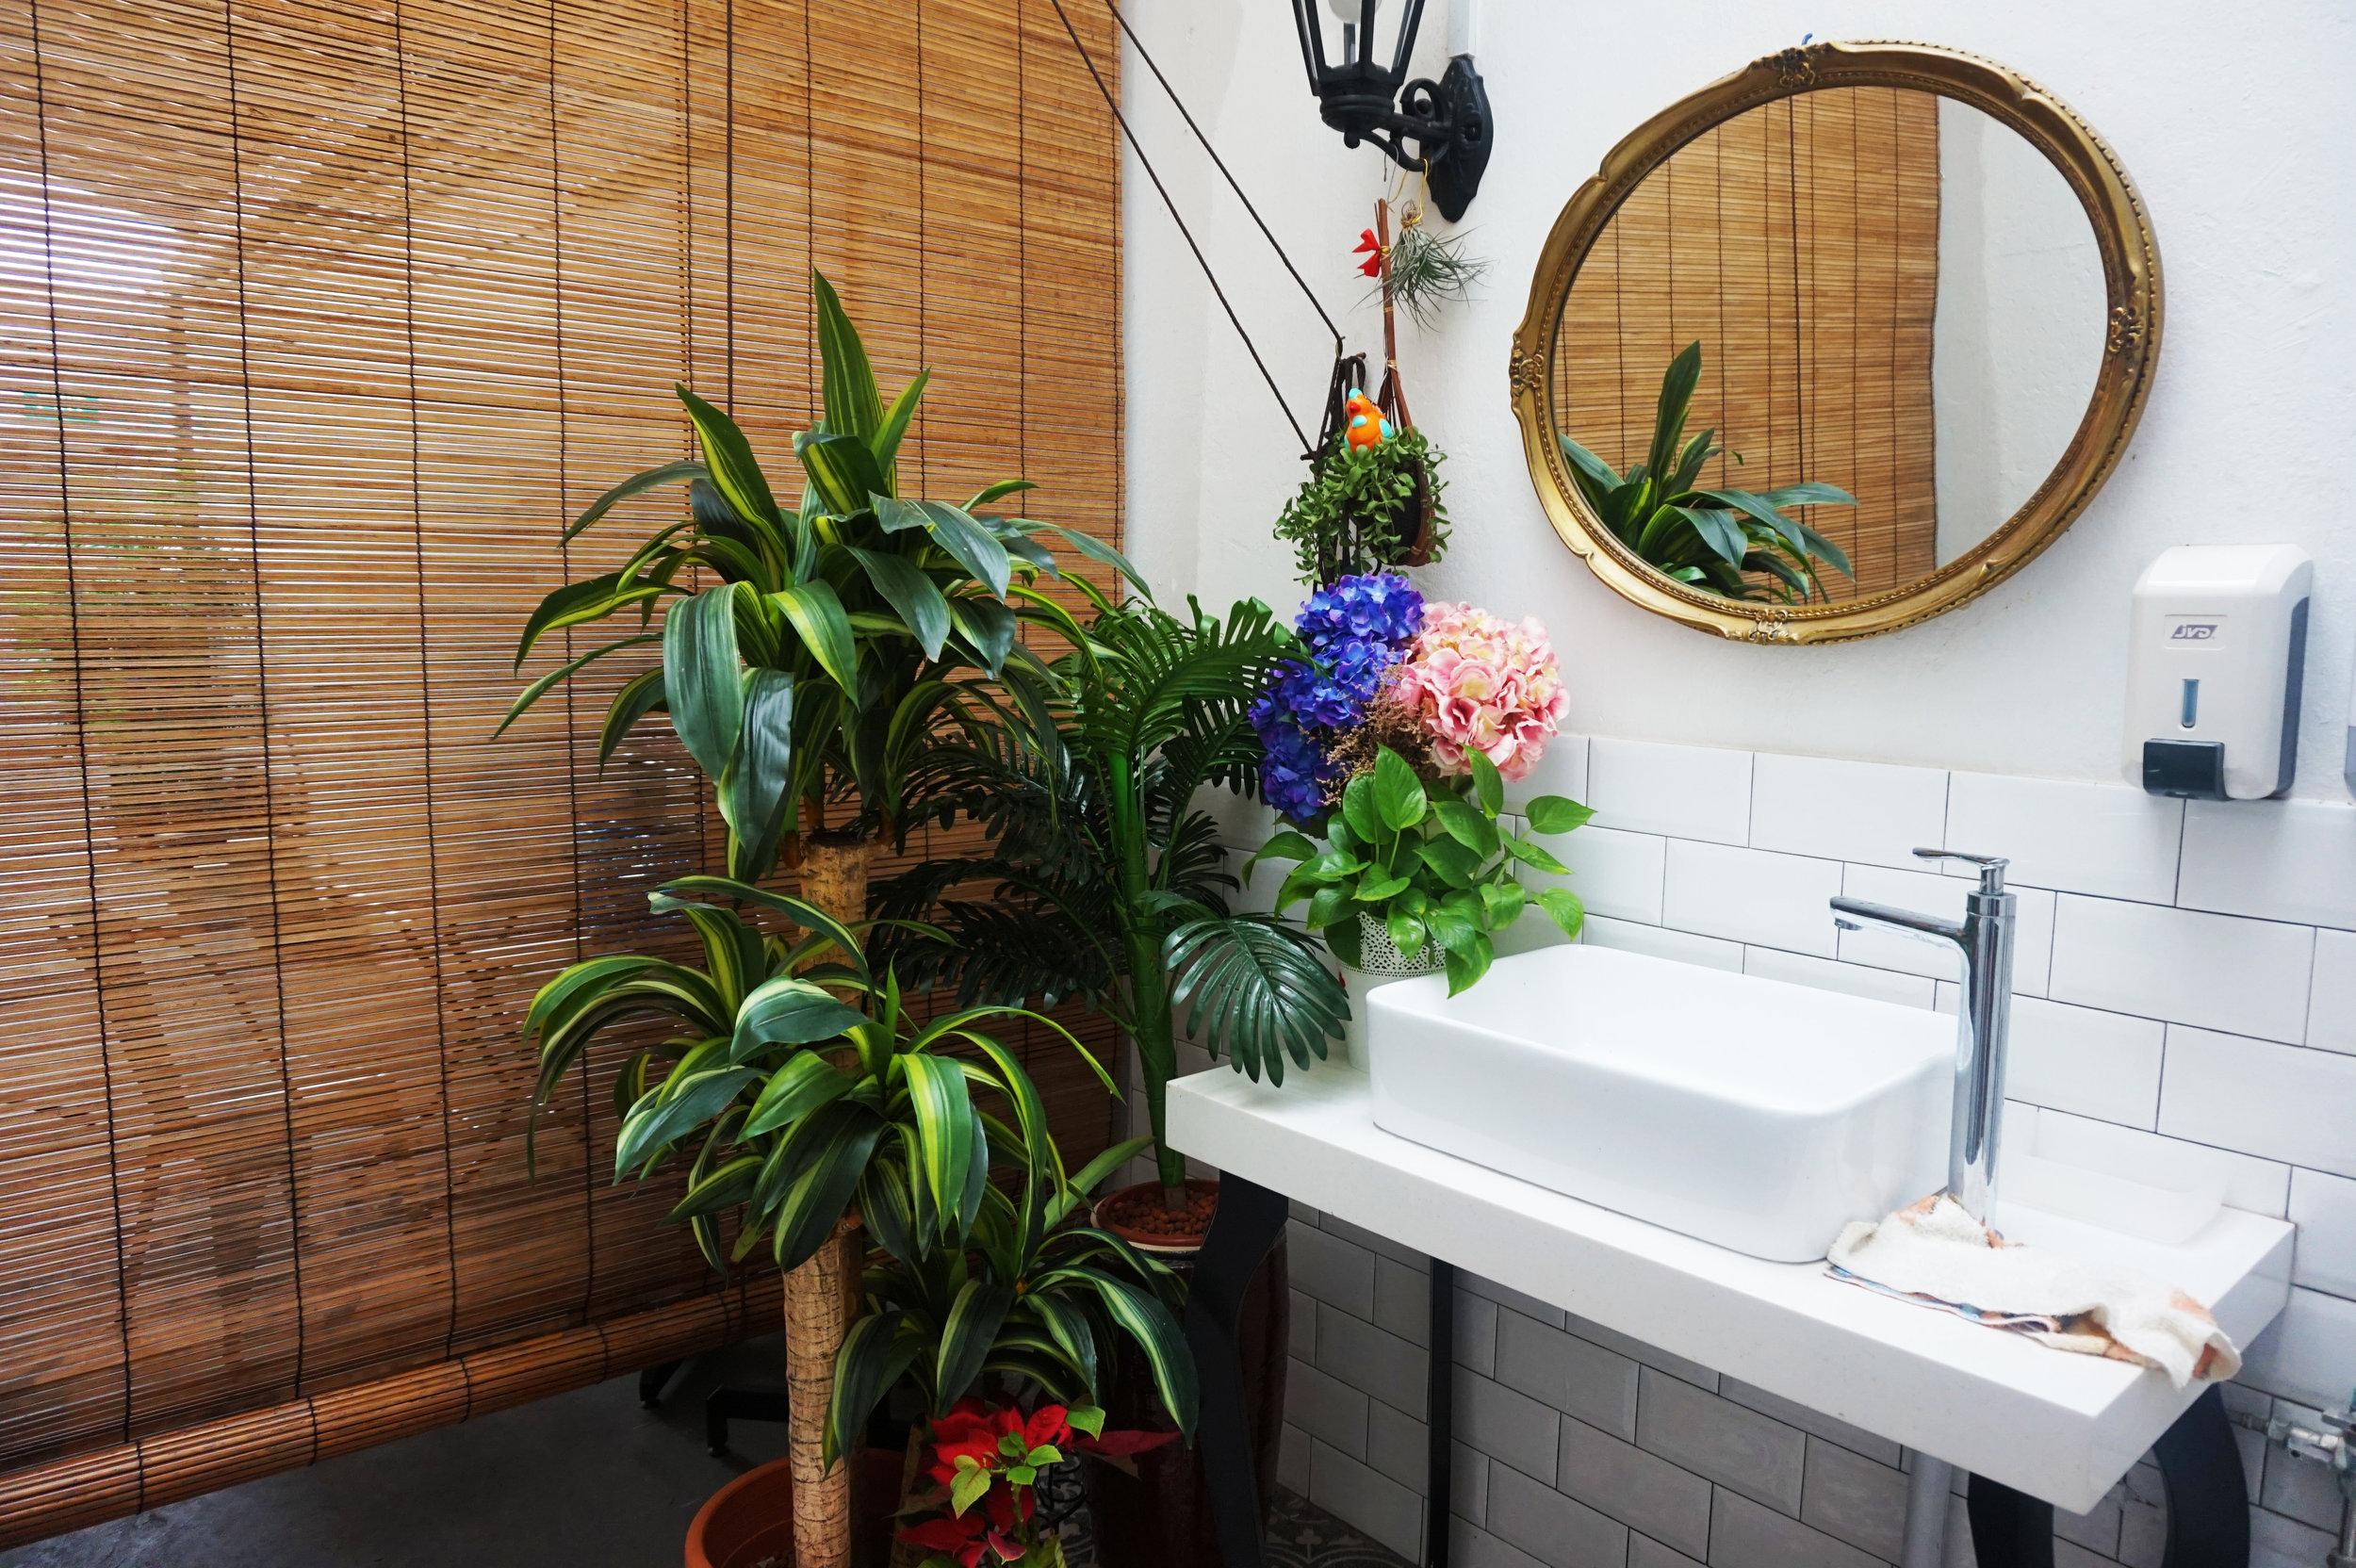 The cutest little bathroom decor